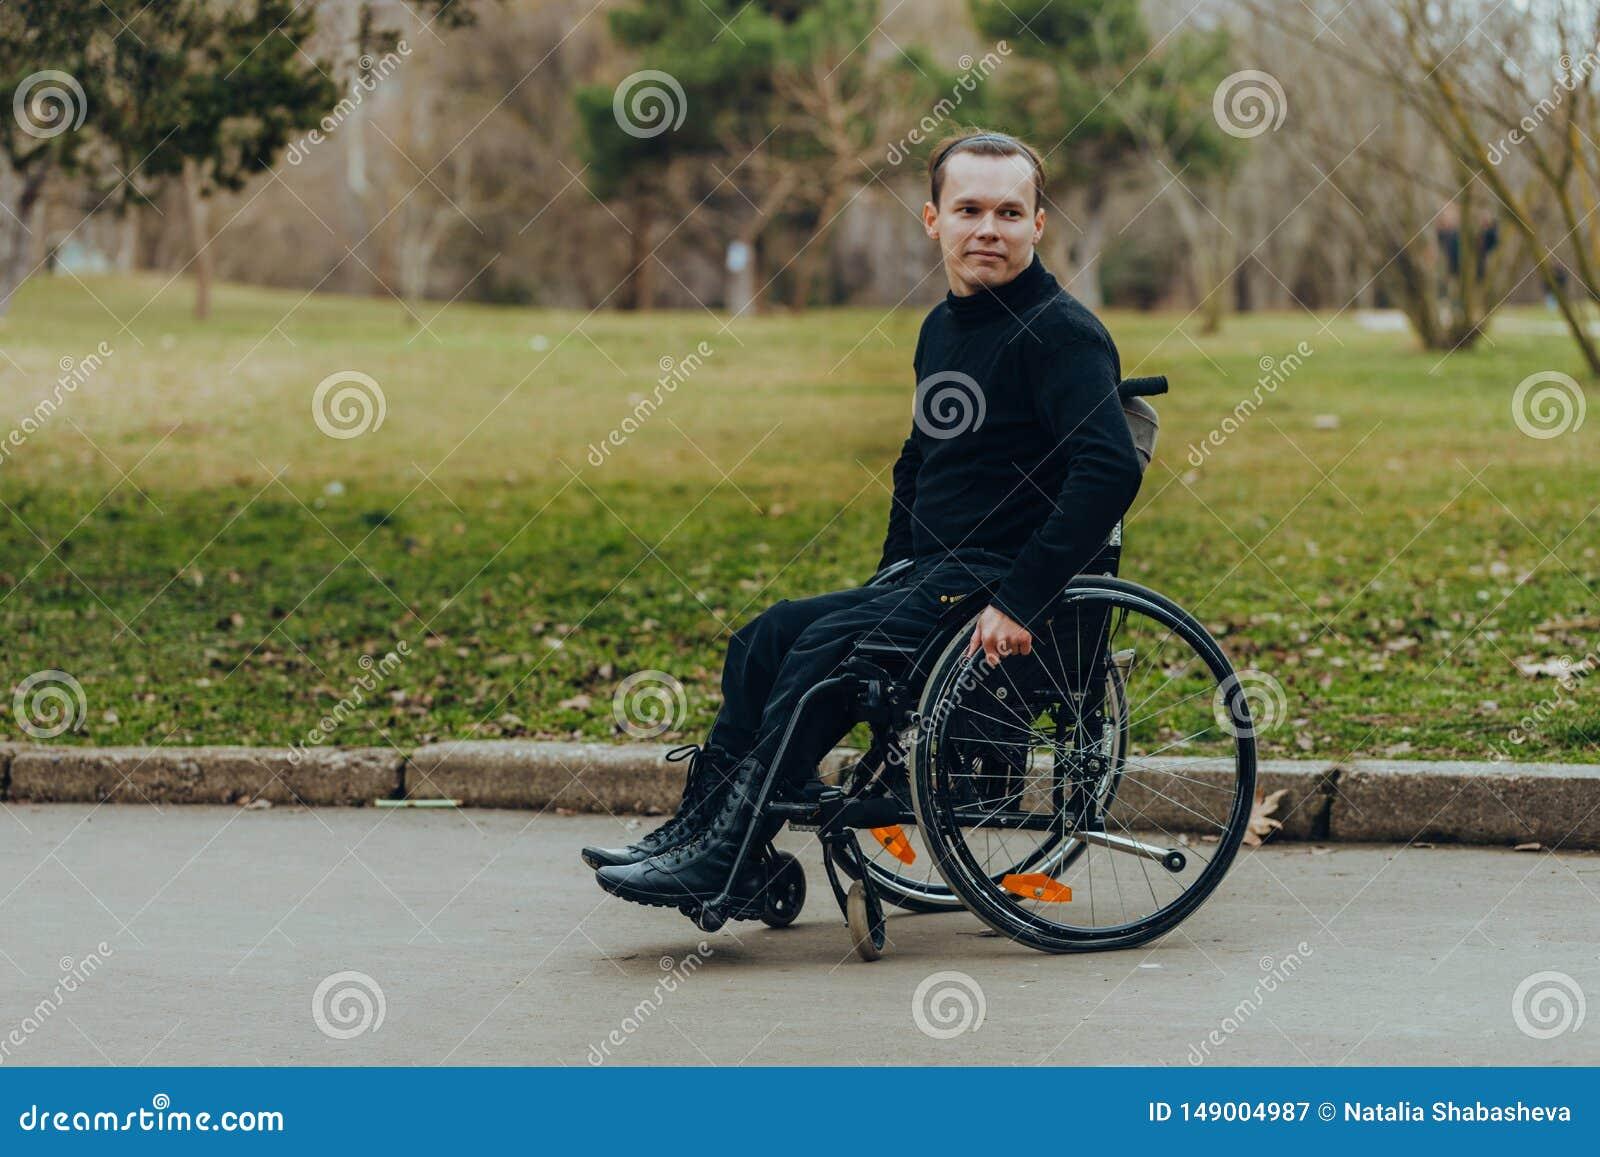 Retrato de um homem feliz em uma cadeira de rodas em um parque